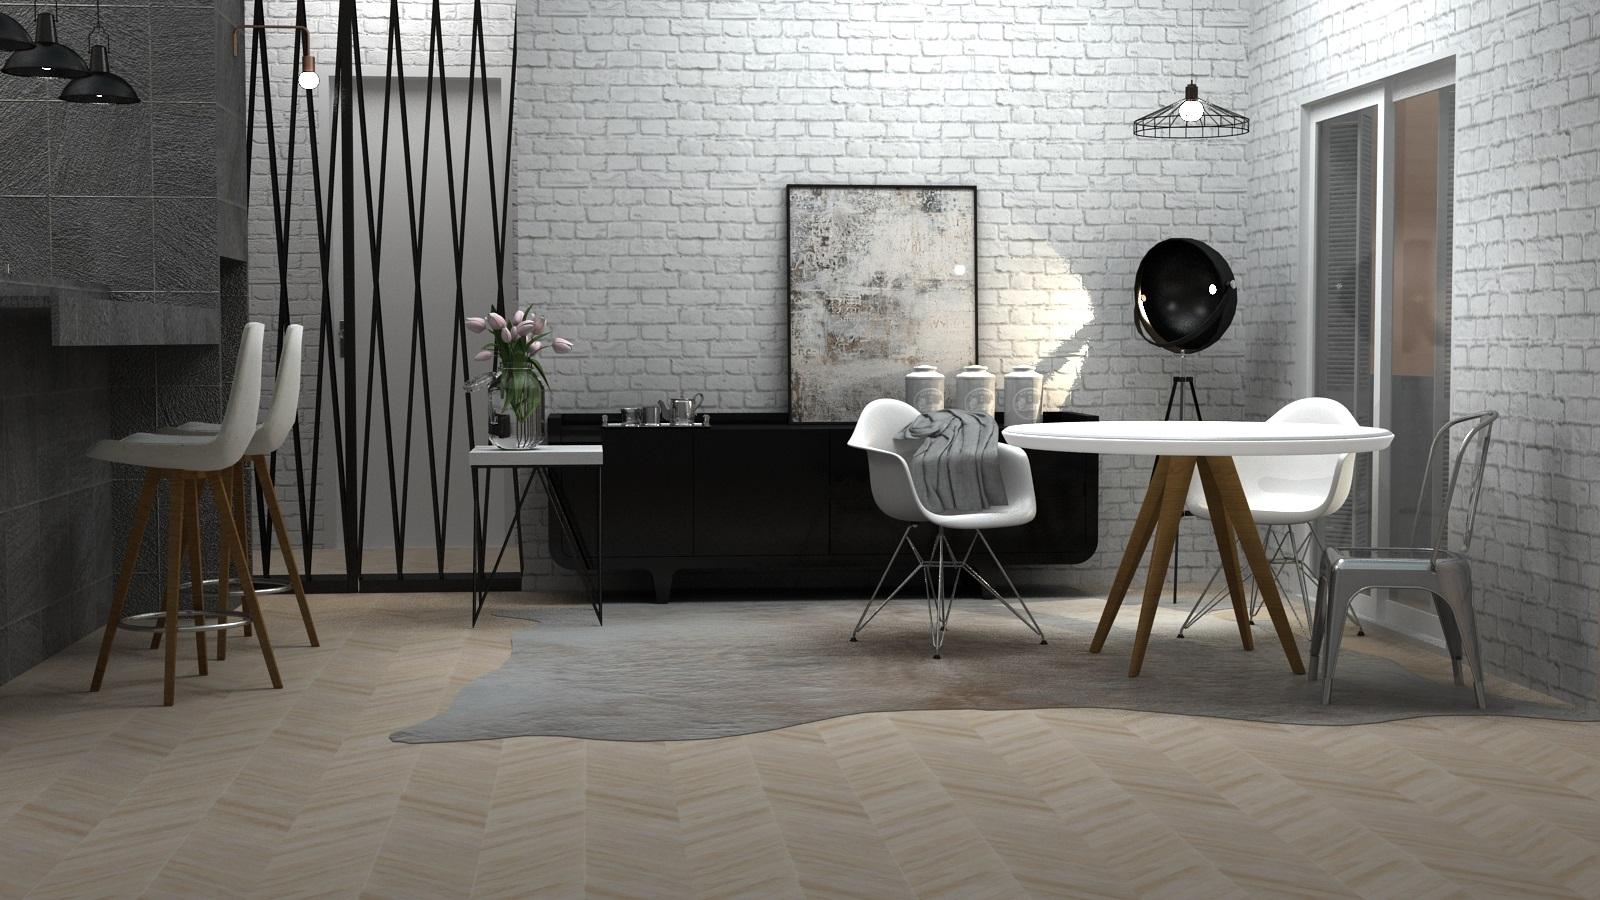 A parede em tijolos aparentes misturada com os tons neutros, piso geométrico de cor bege e poucos elementos em preto e metal são elementos sempre presentes no estilo escandinavo.